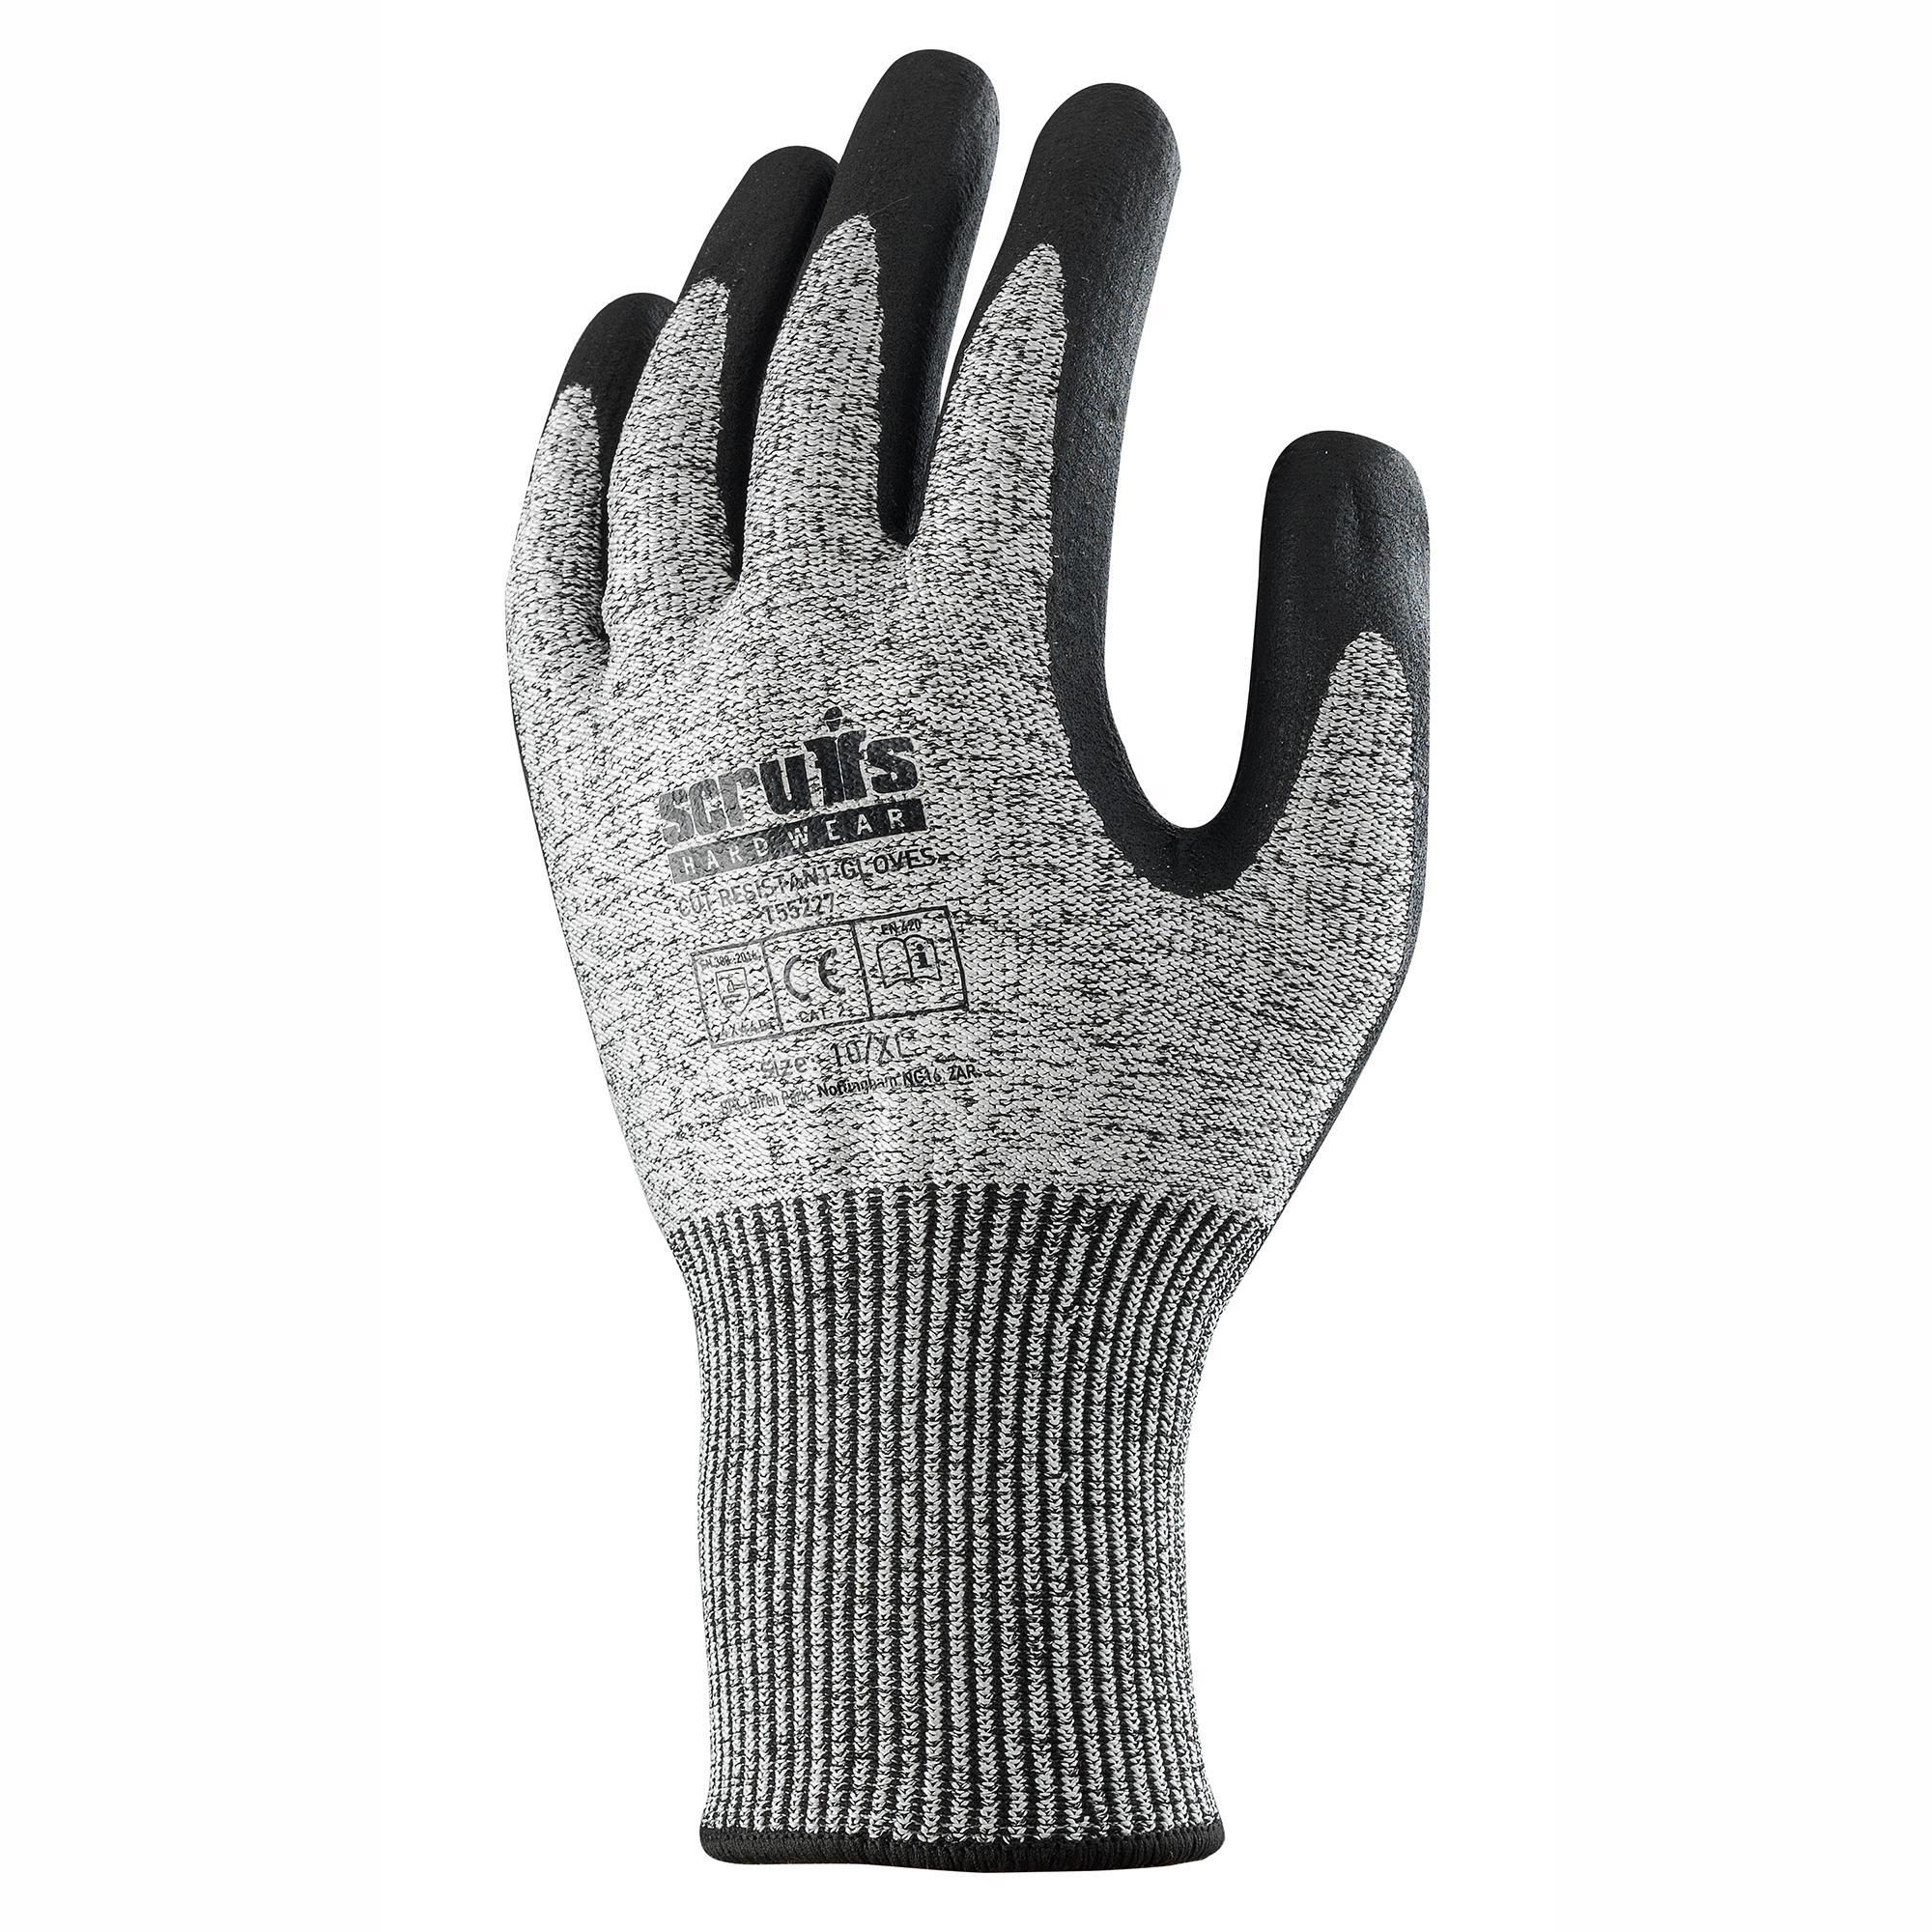 Scruffs Cut Resistant Gloves